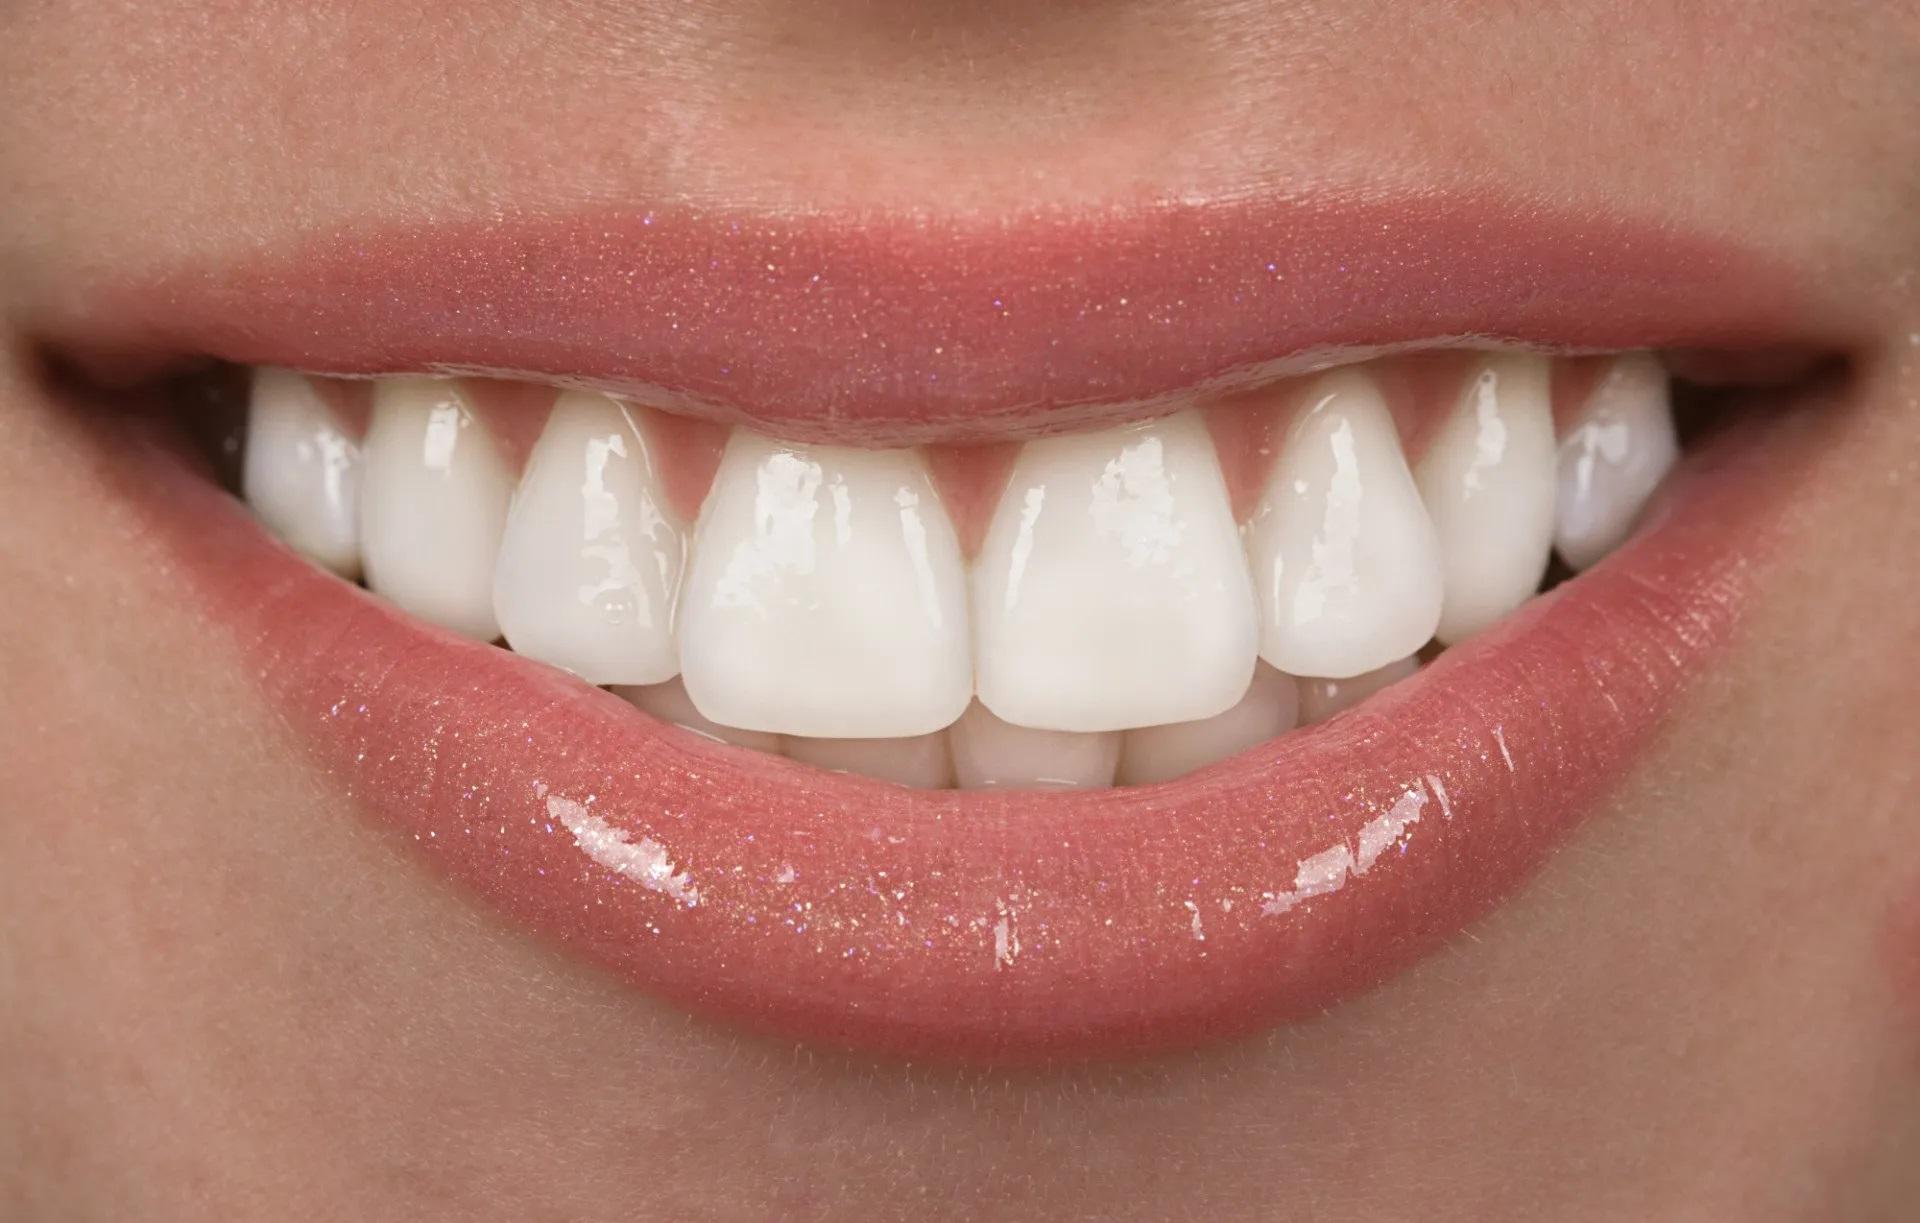 Моментальные виниры - эстетичная и надежная реставрация зубов